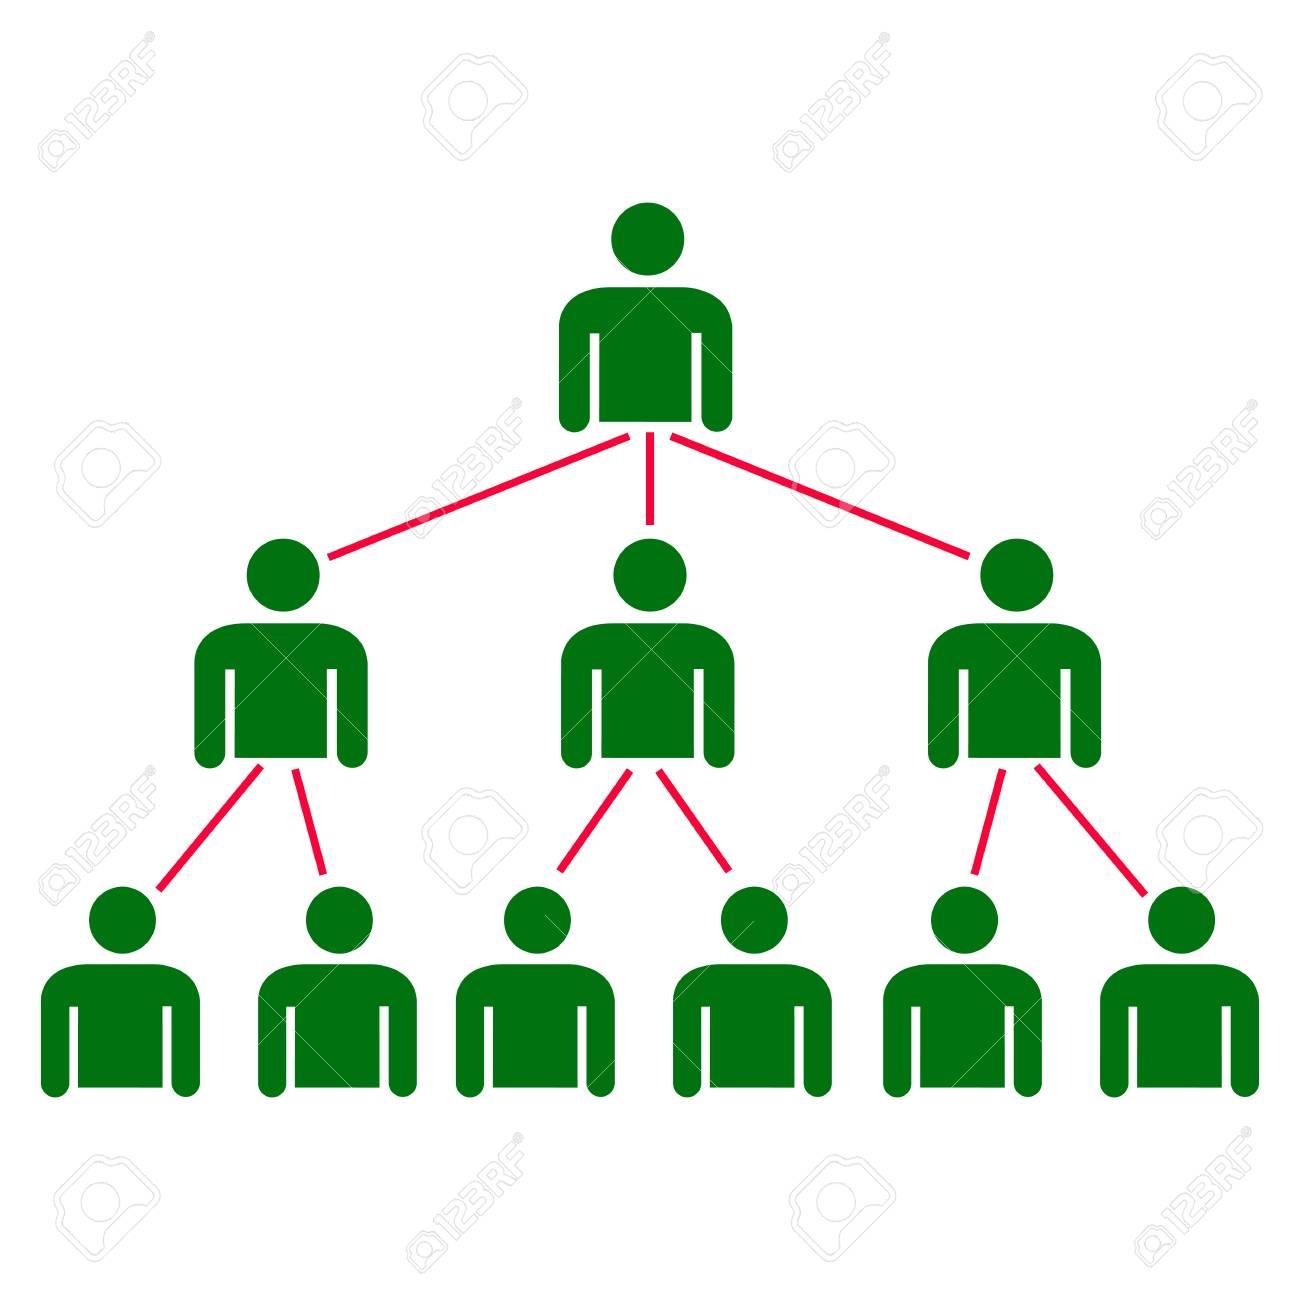 Organization company hierarchy - 102152646